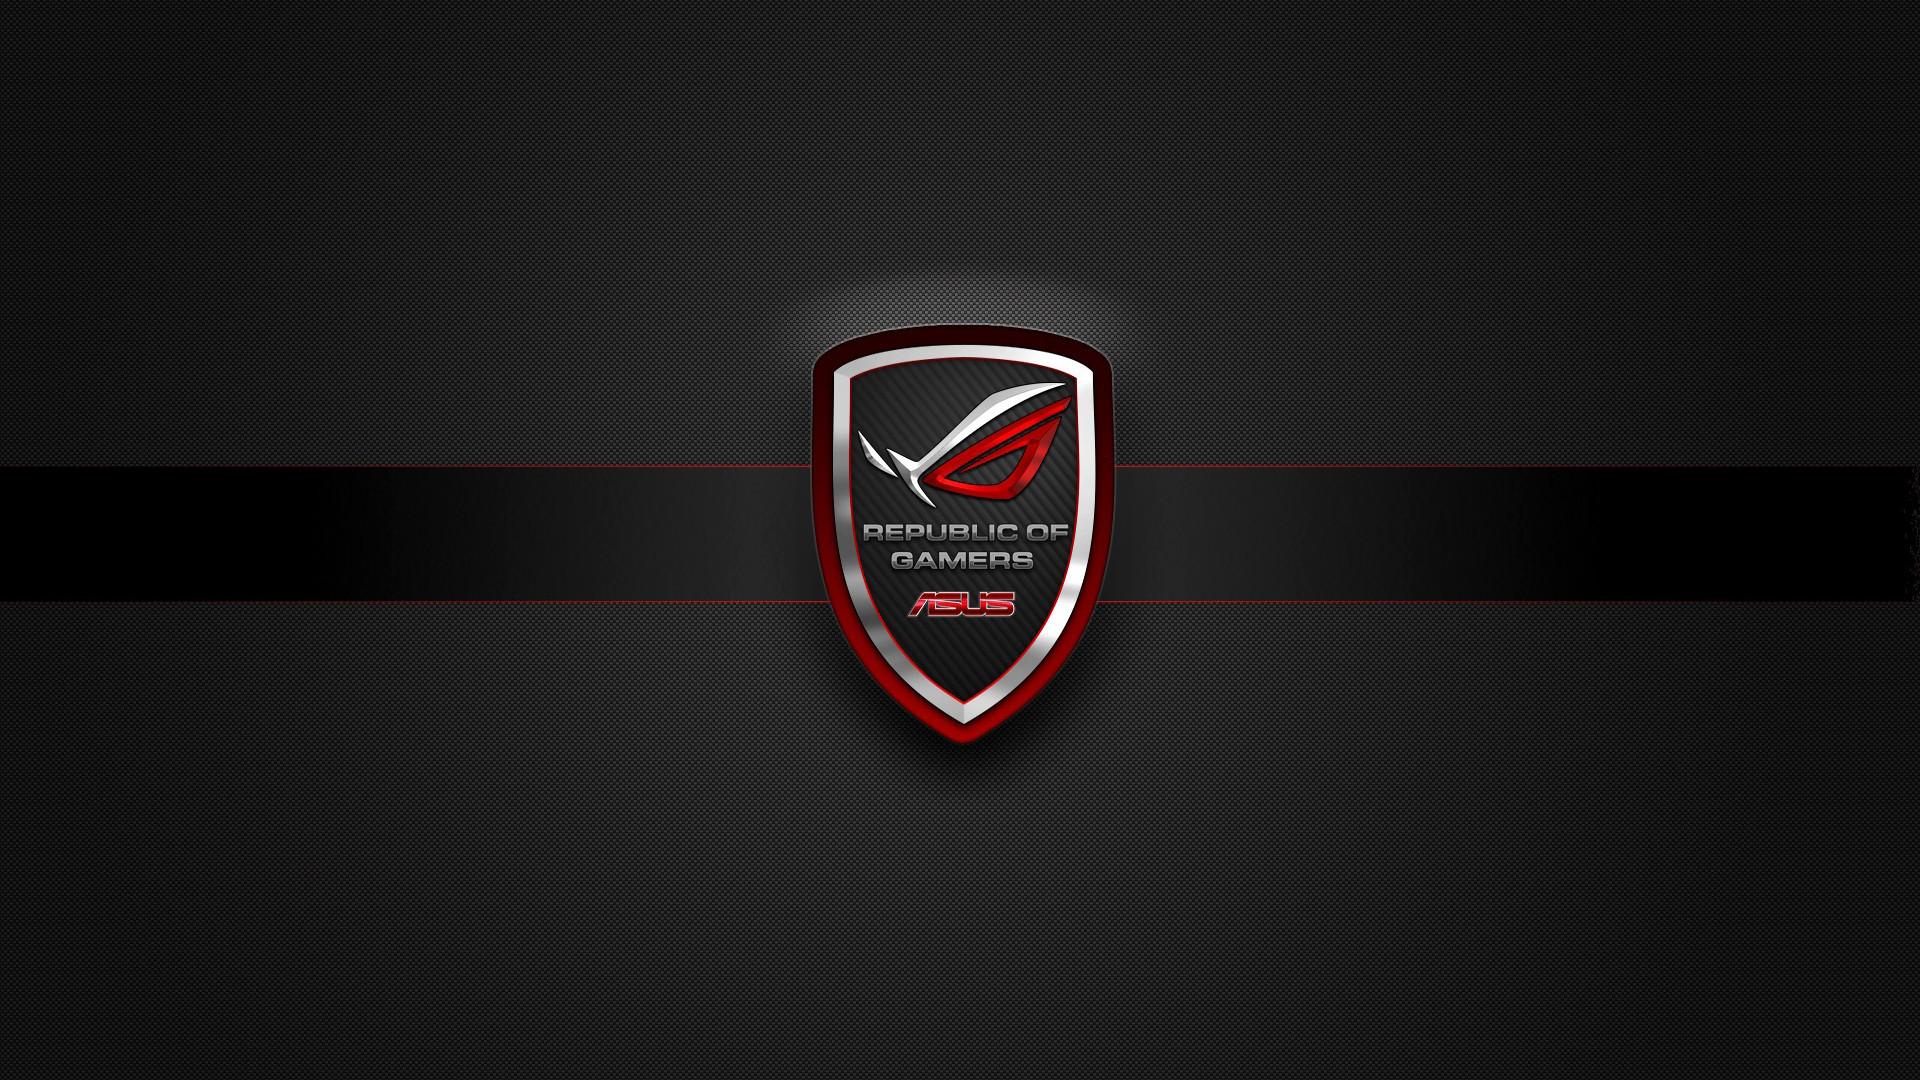 asus rog (republic of gamers) badge logo hd. 1080p wallpaper .